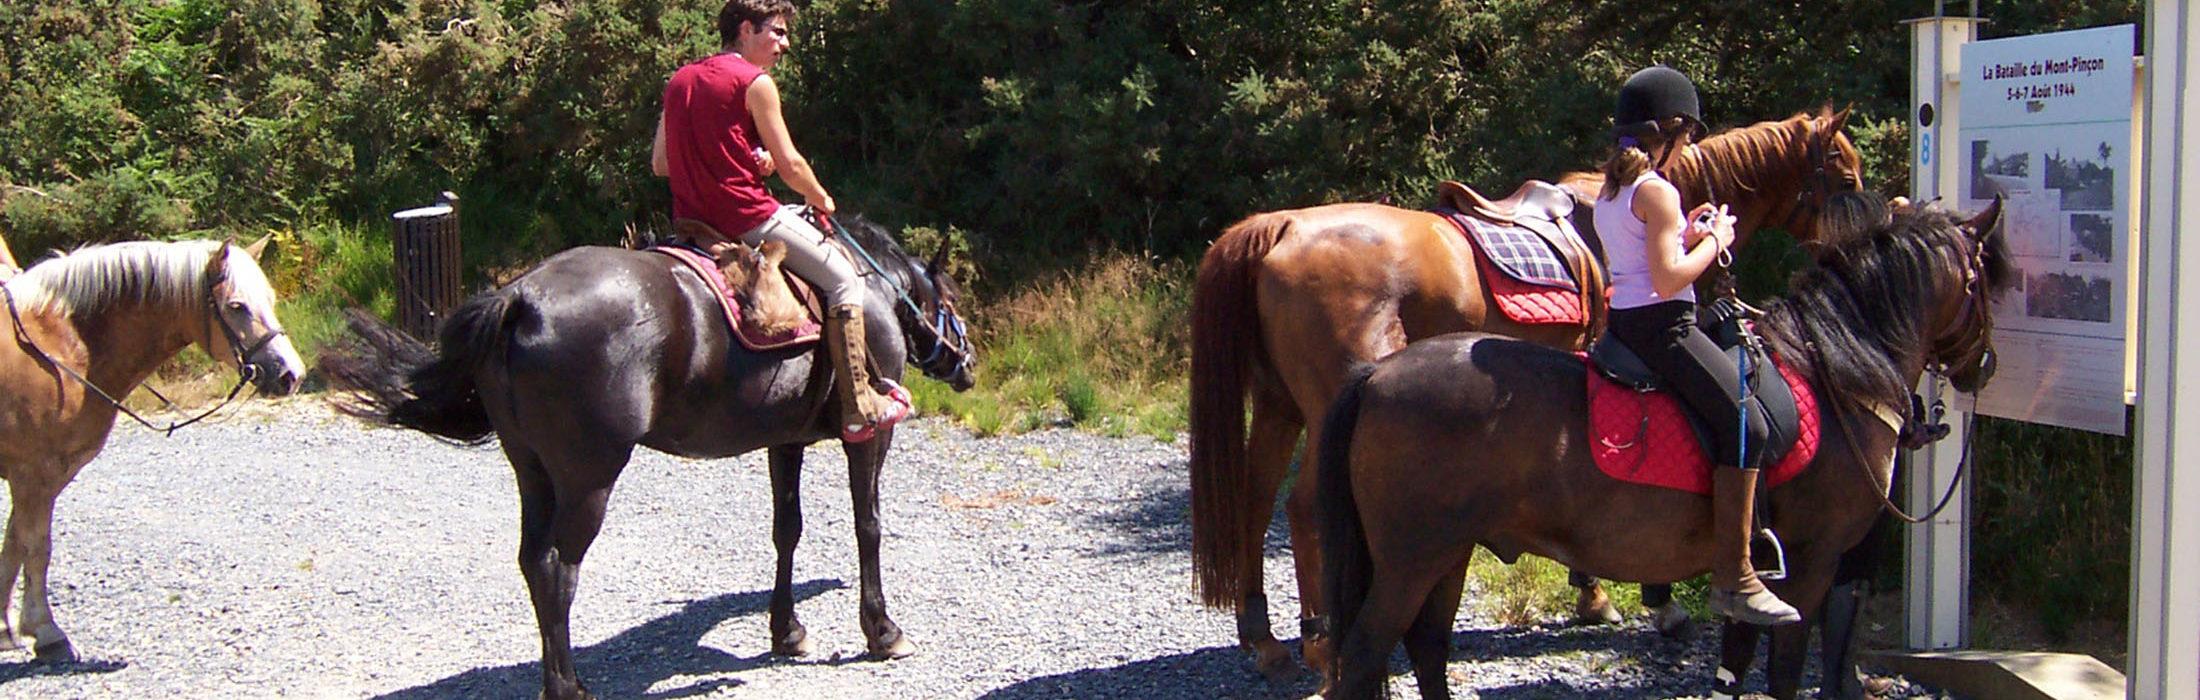 Découvrir les nombreux centres équestres, parcourir à cheval une boucle ou un itinéraire, assister à une course hippique dans un hippodrome, le cheval 1